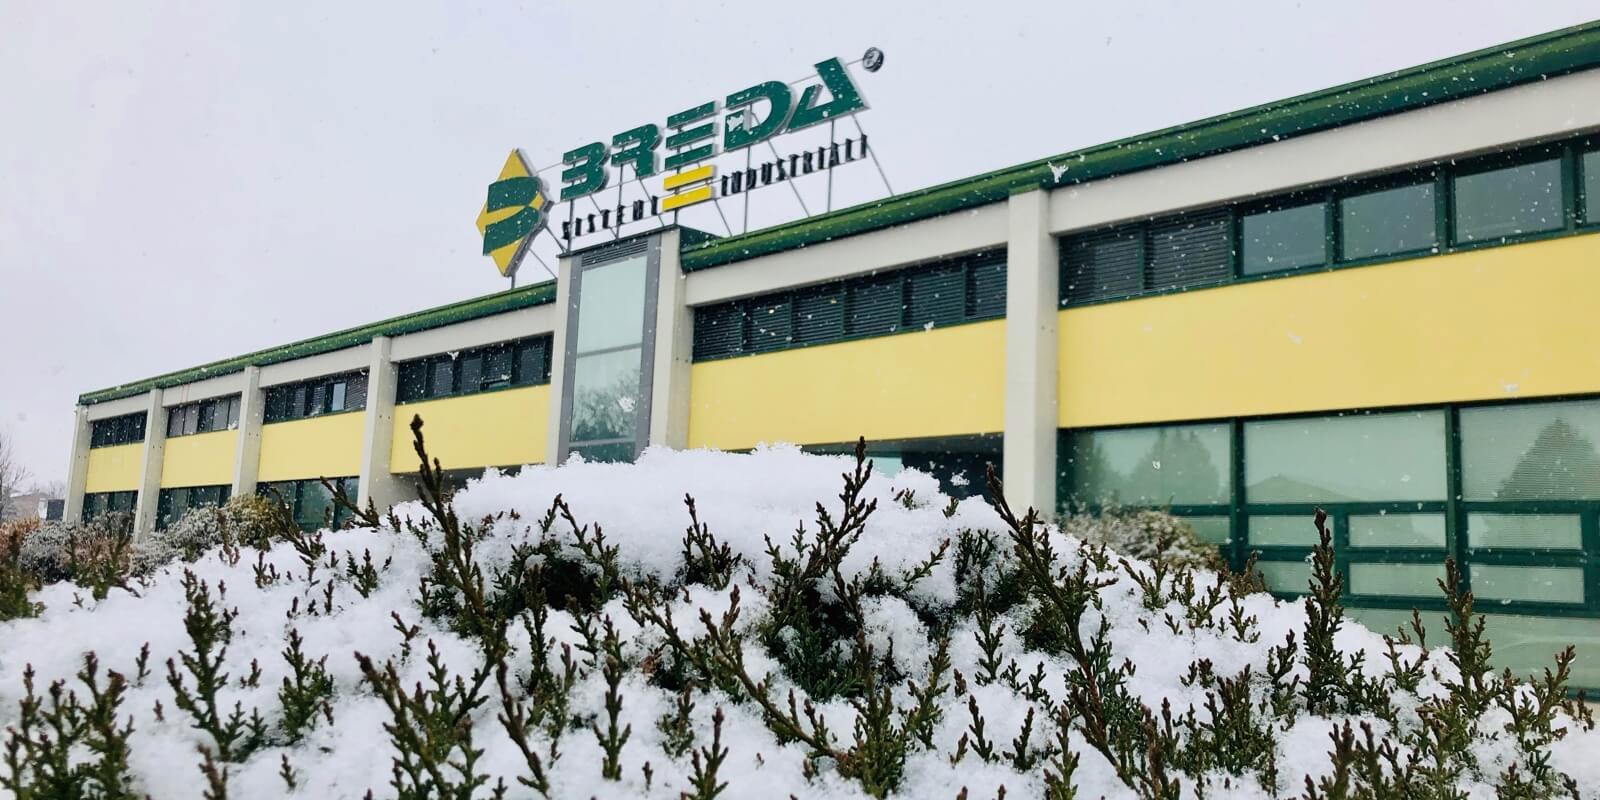 È arrivata la neve sui Portoni Breda